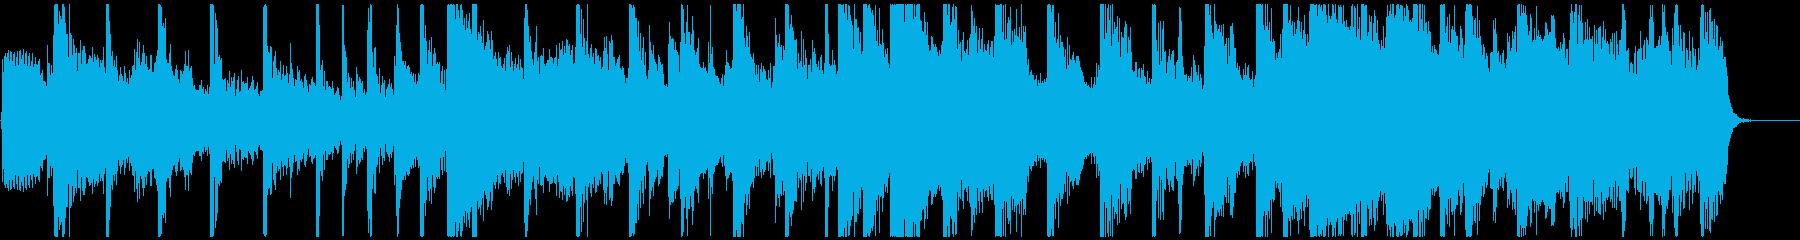 カントリー風ハーモニカとドブロのジングルの再生済みの波形